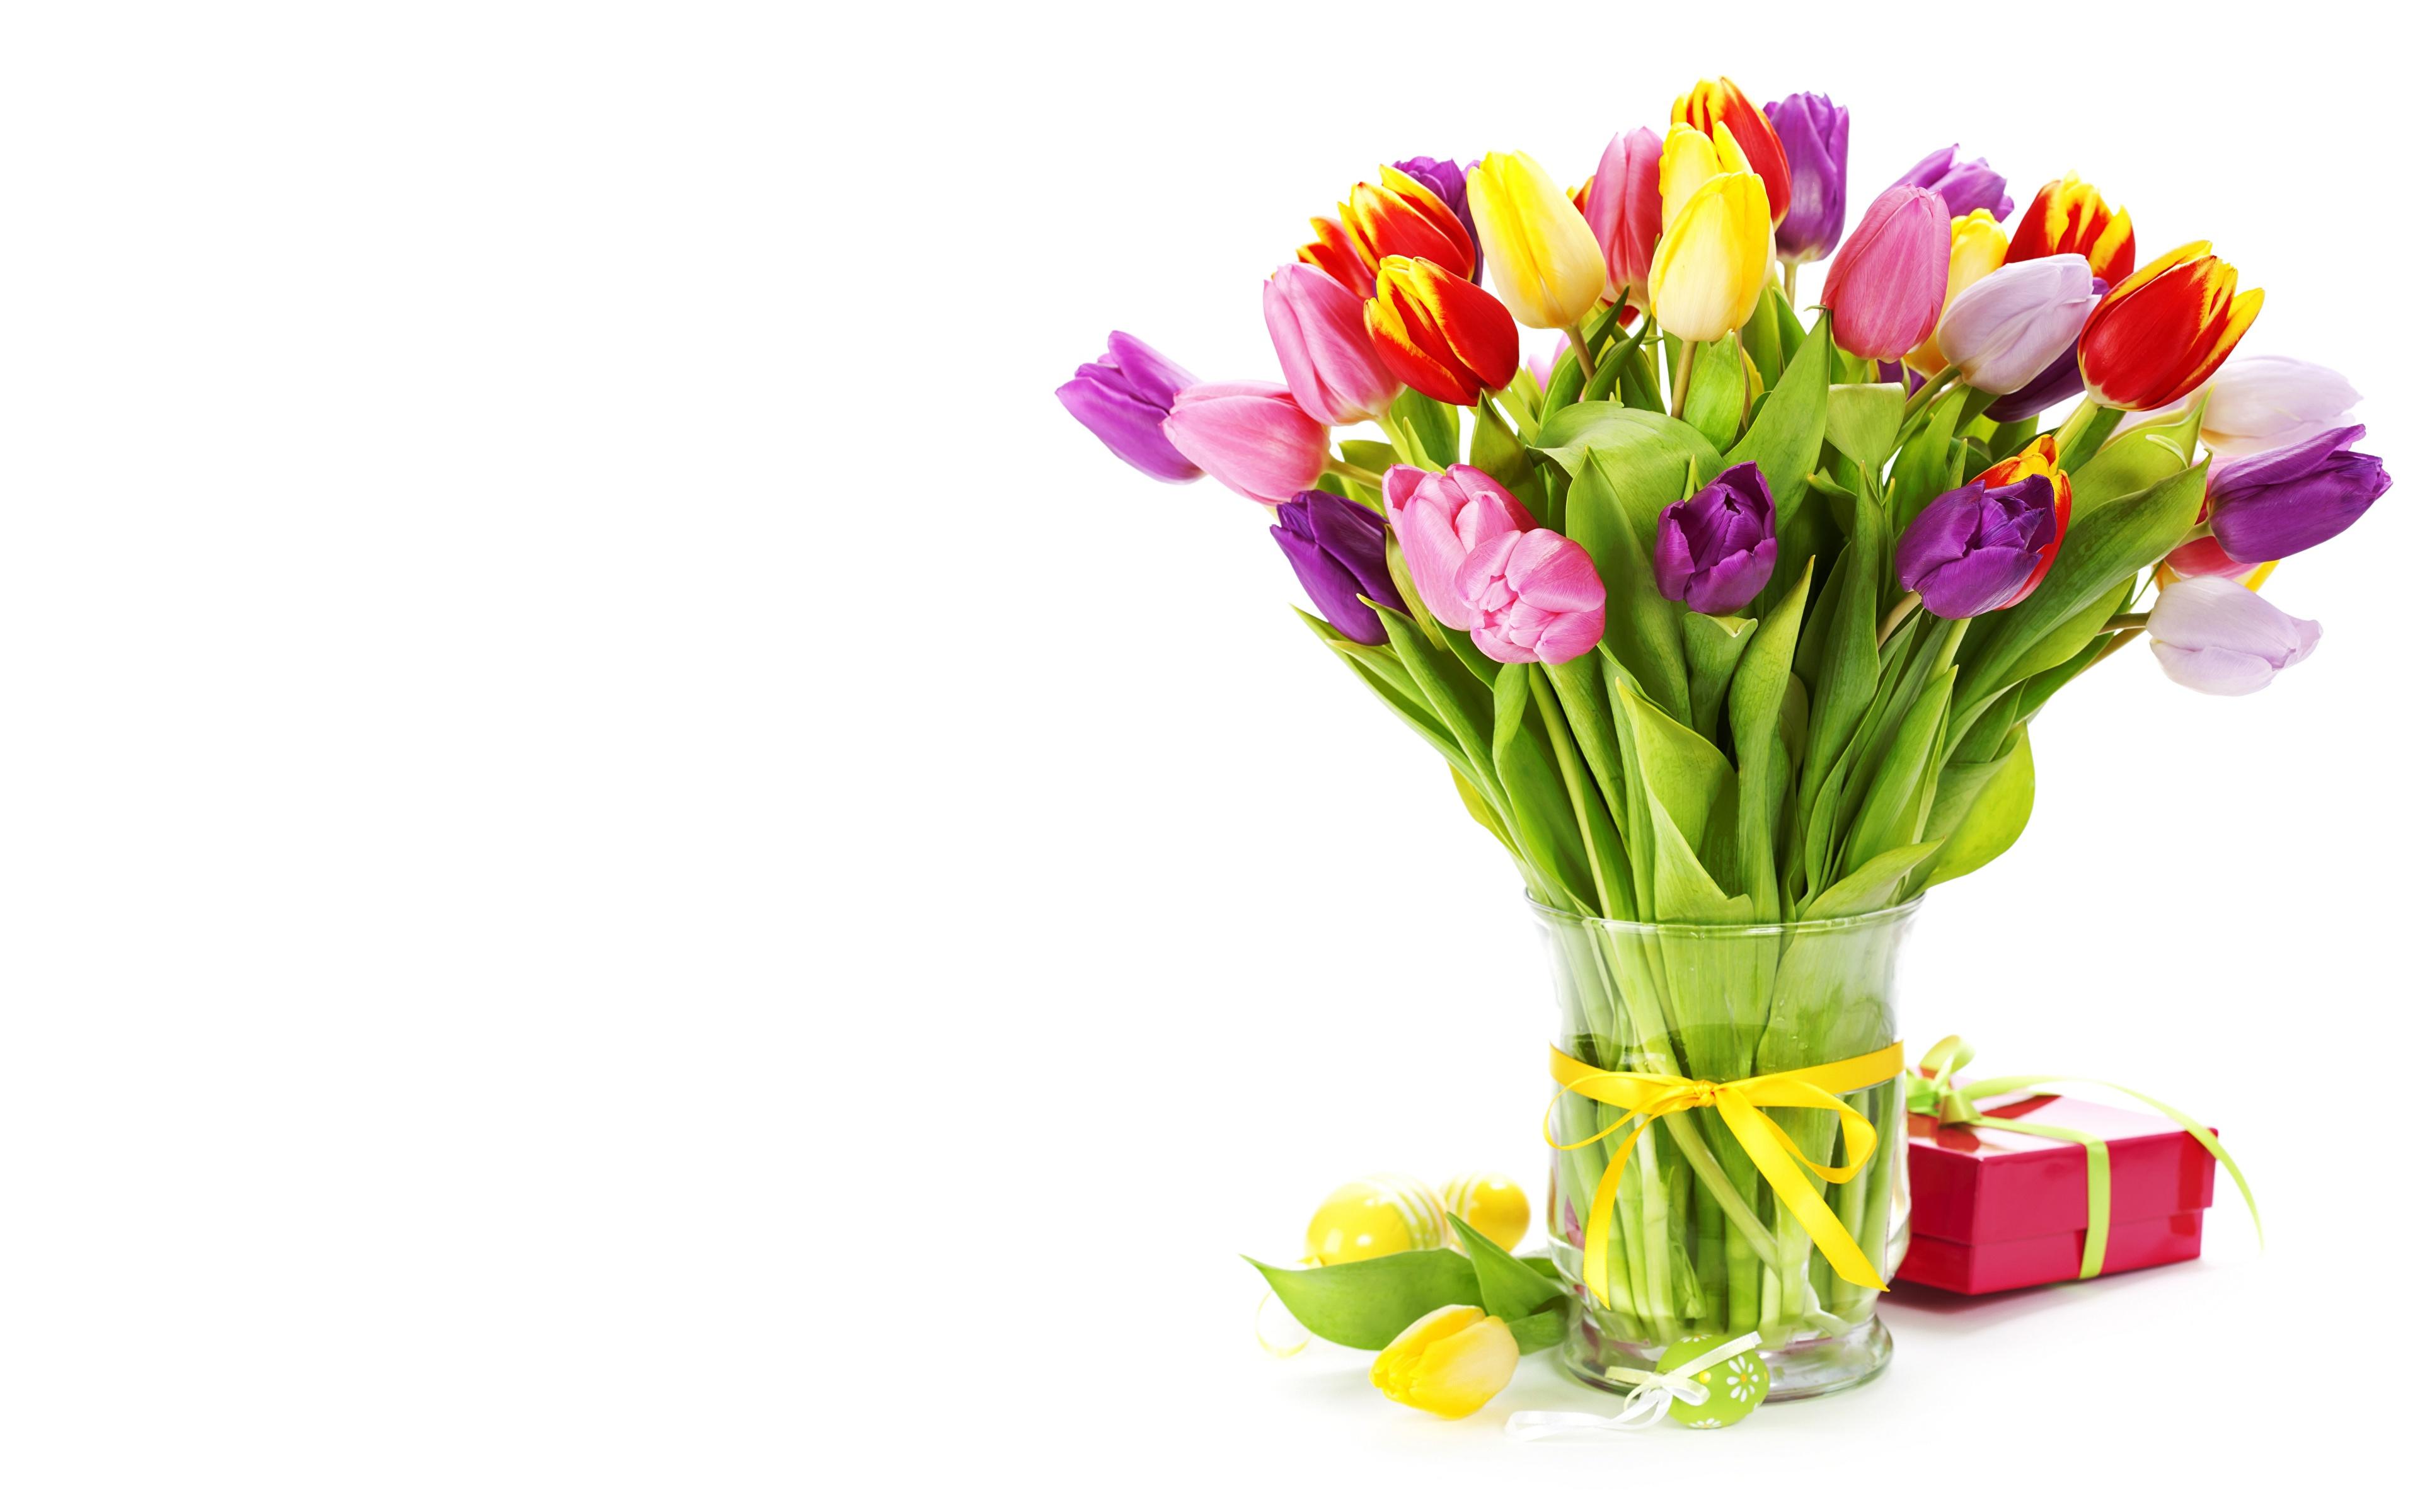 тюльпаны ваза море загрузить